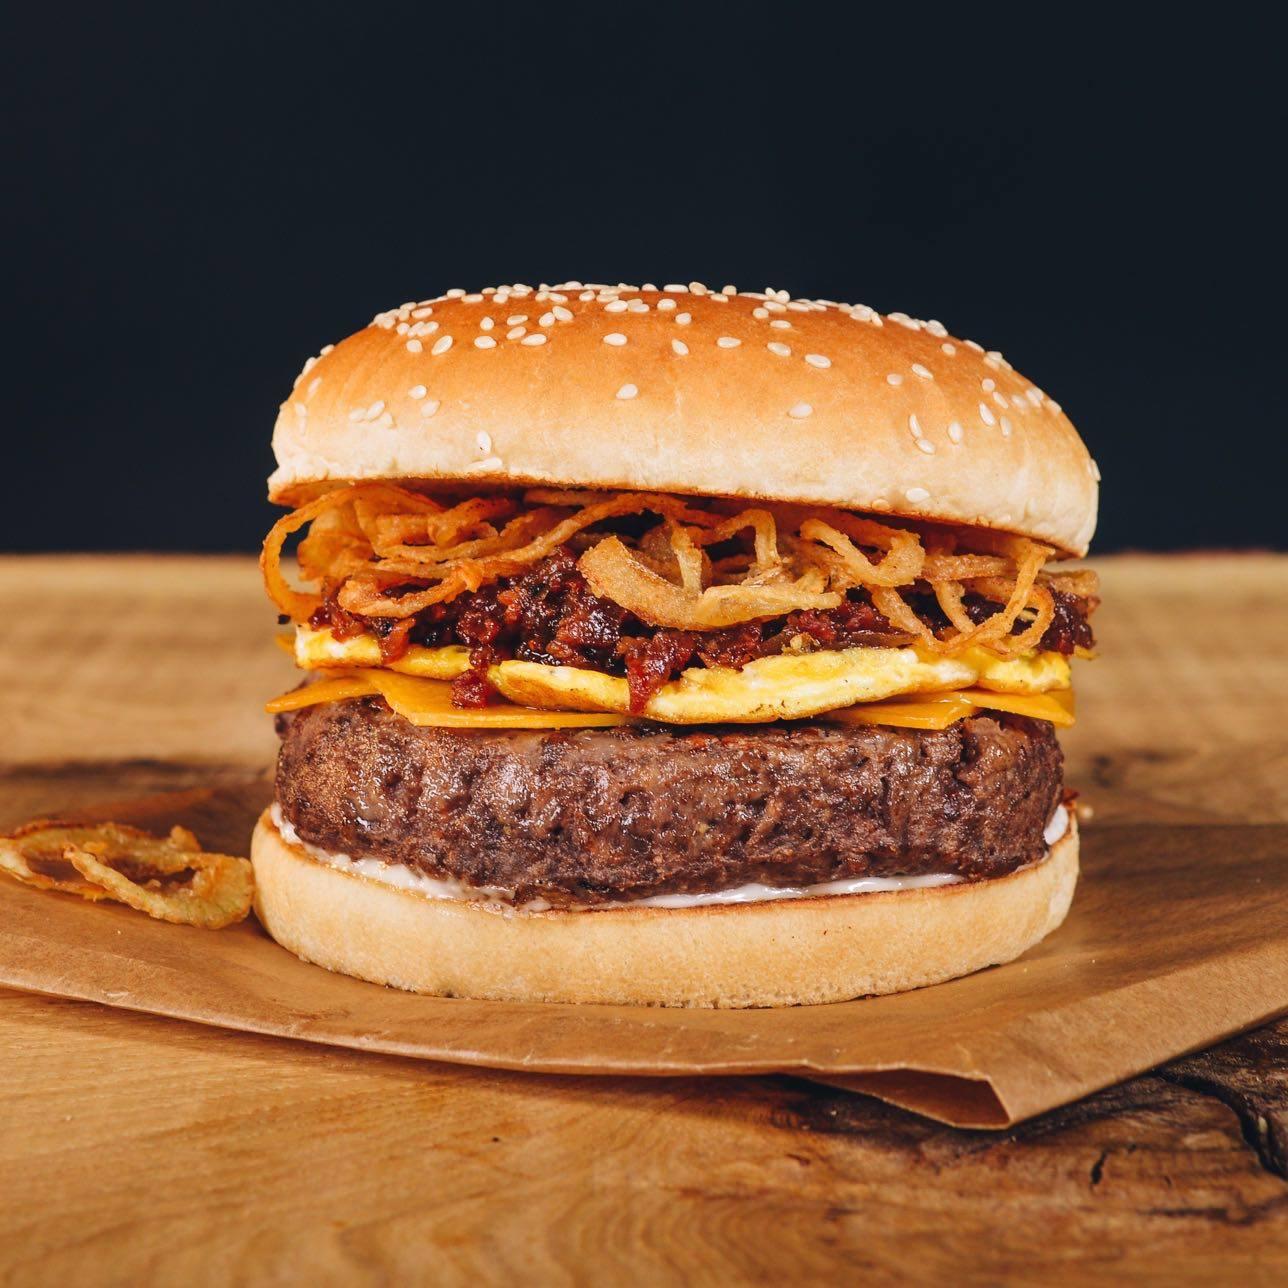 Hovädzí burger s cheddarom, omeletou, slaninovým džemom a chrumkavou cibuľou, podávaný s údenou BBQ omáčkou.